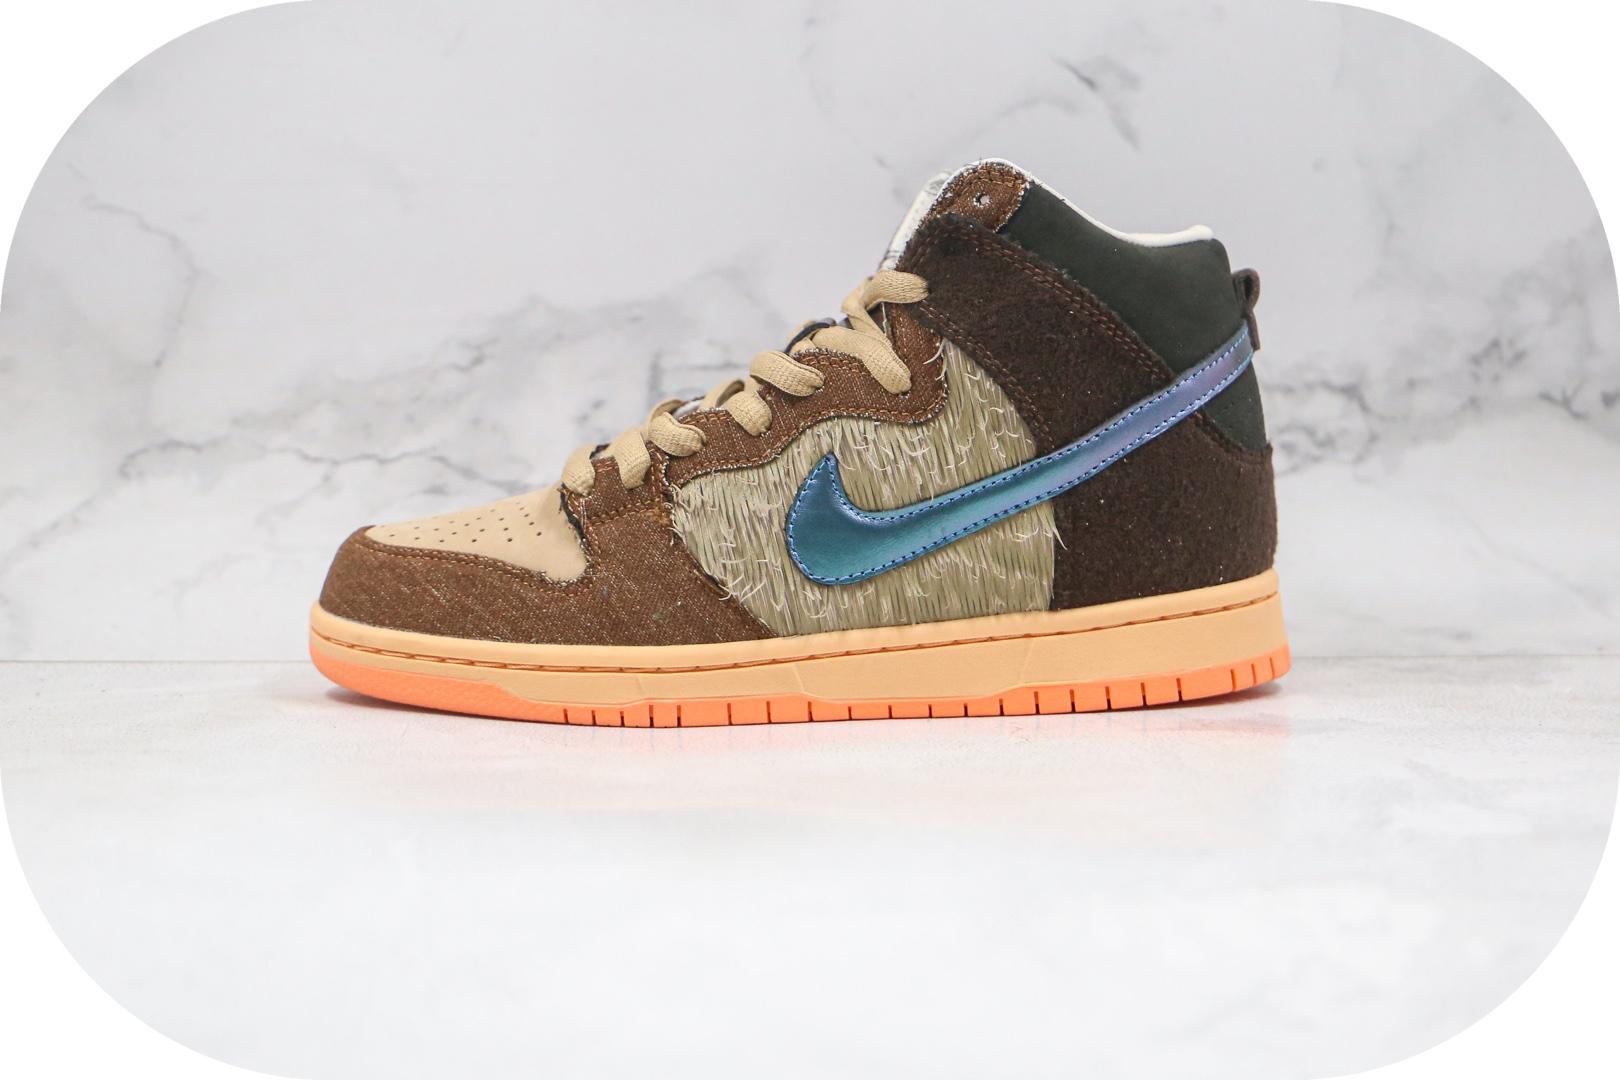 耐克Nike SB Dunk High Mallard x Concepts联名款纯原版本高帮SB DUNK野鸭配色板鞋原档案数据开发原盒原标 货号:DC6887-200